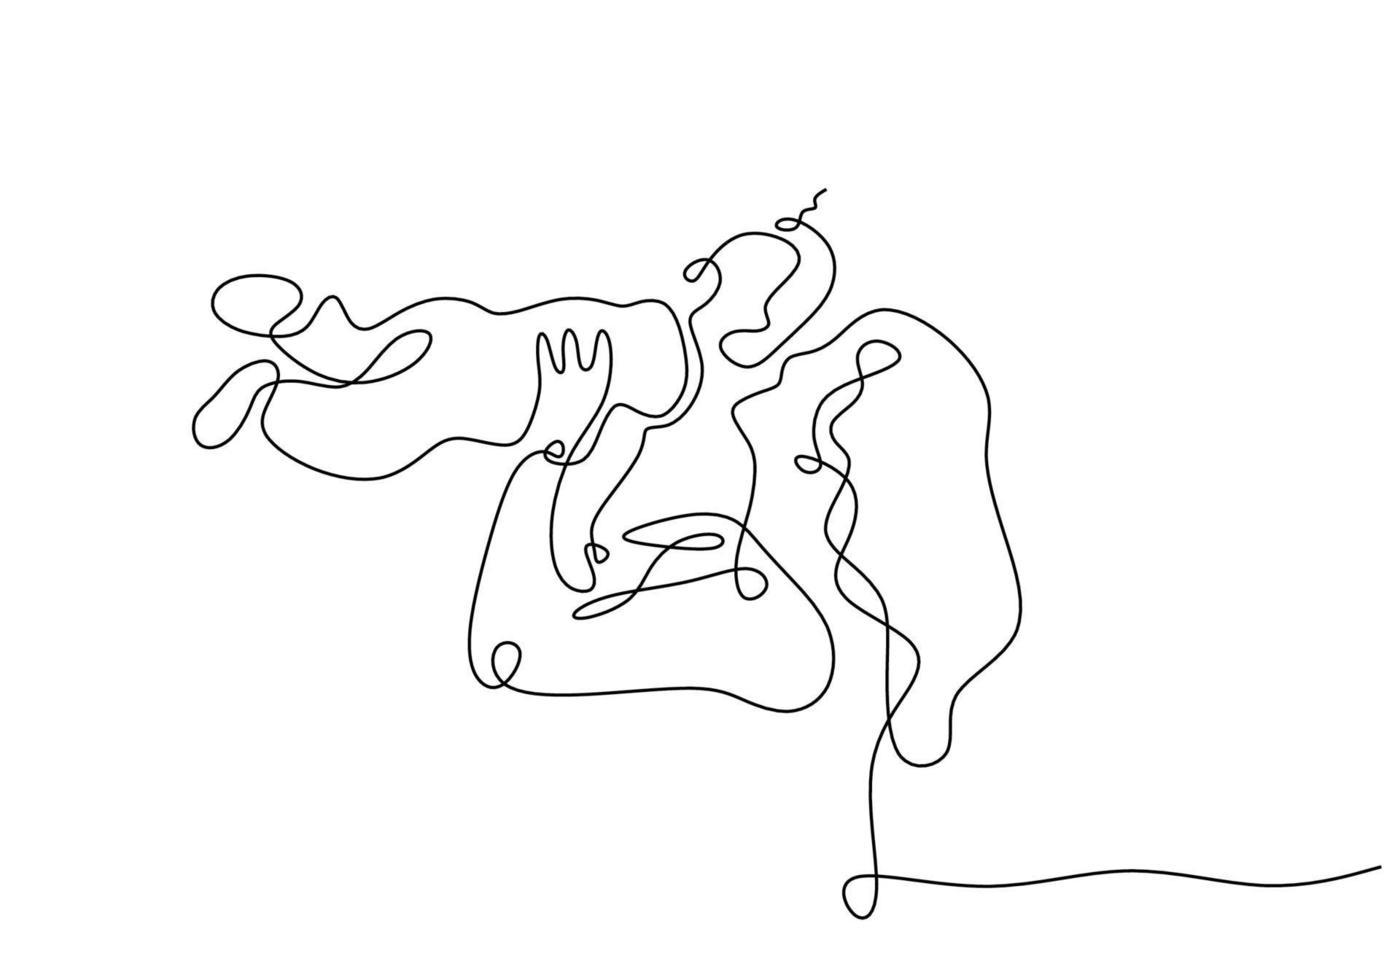 doorlopende lijntekening van moeder en kind vector